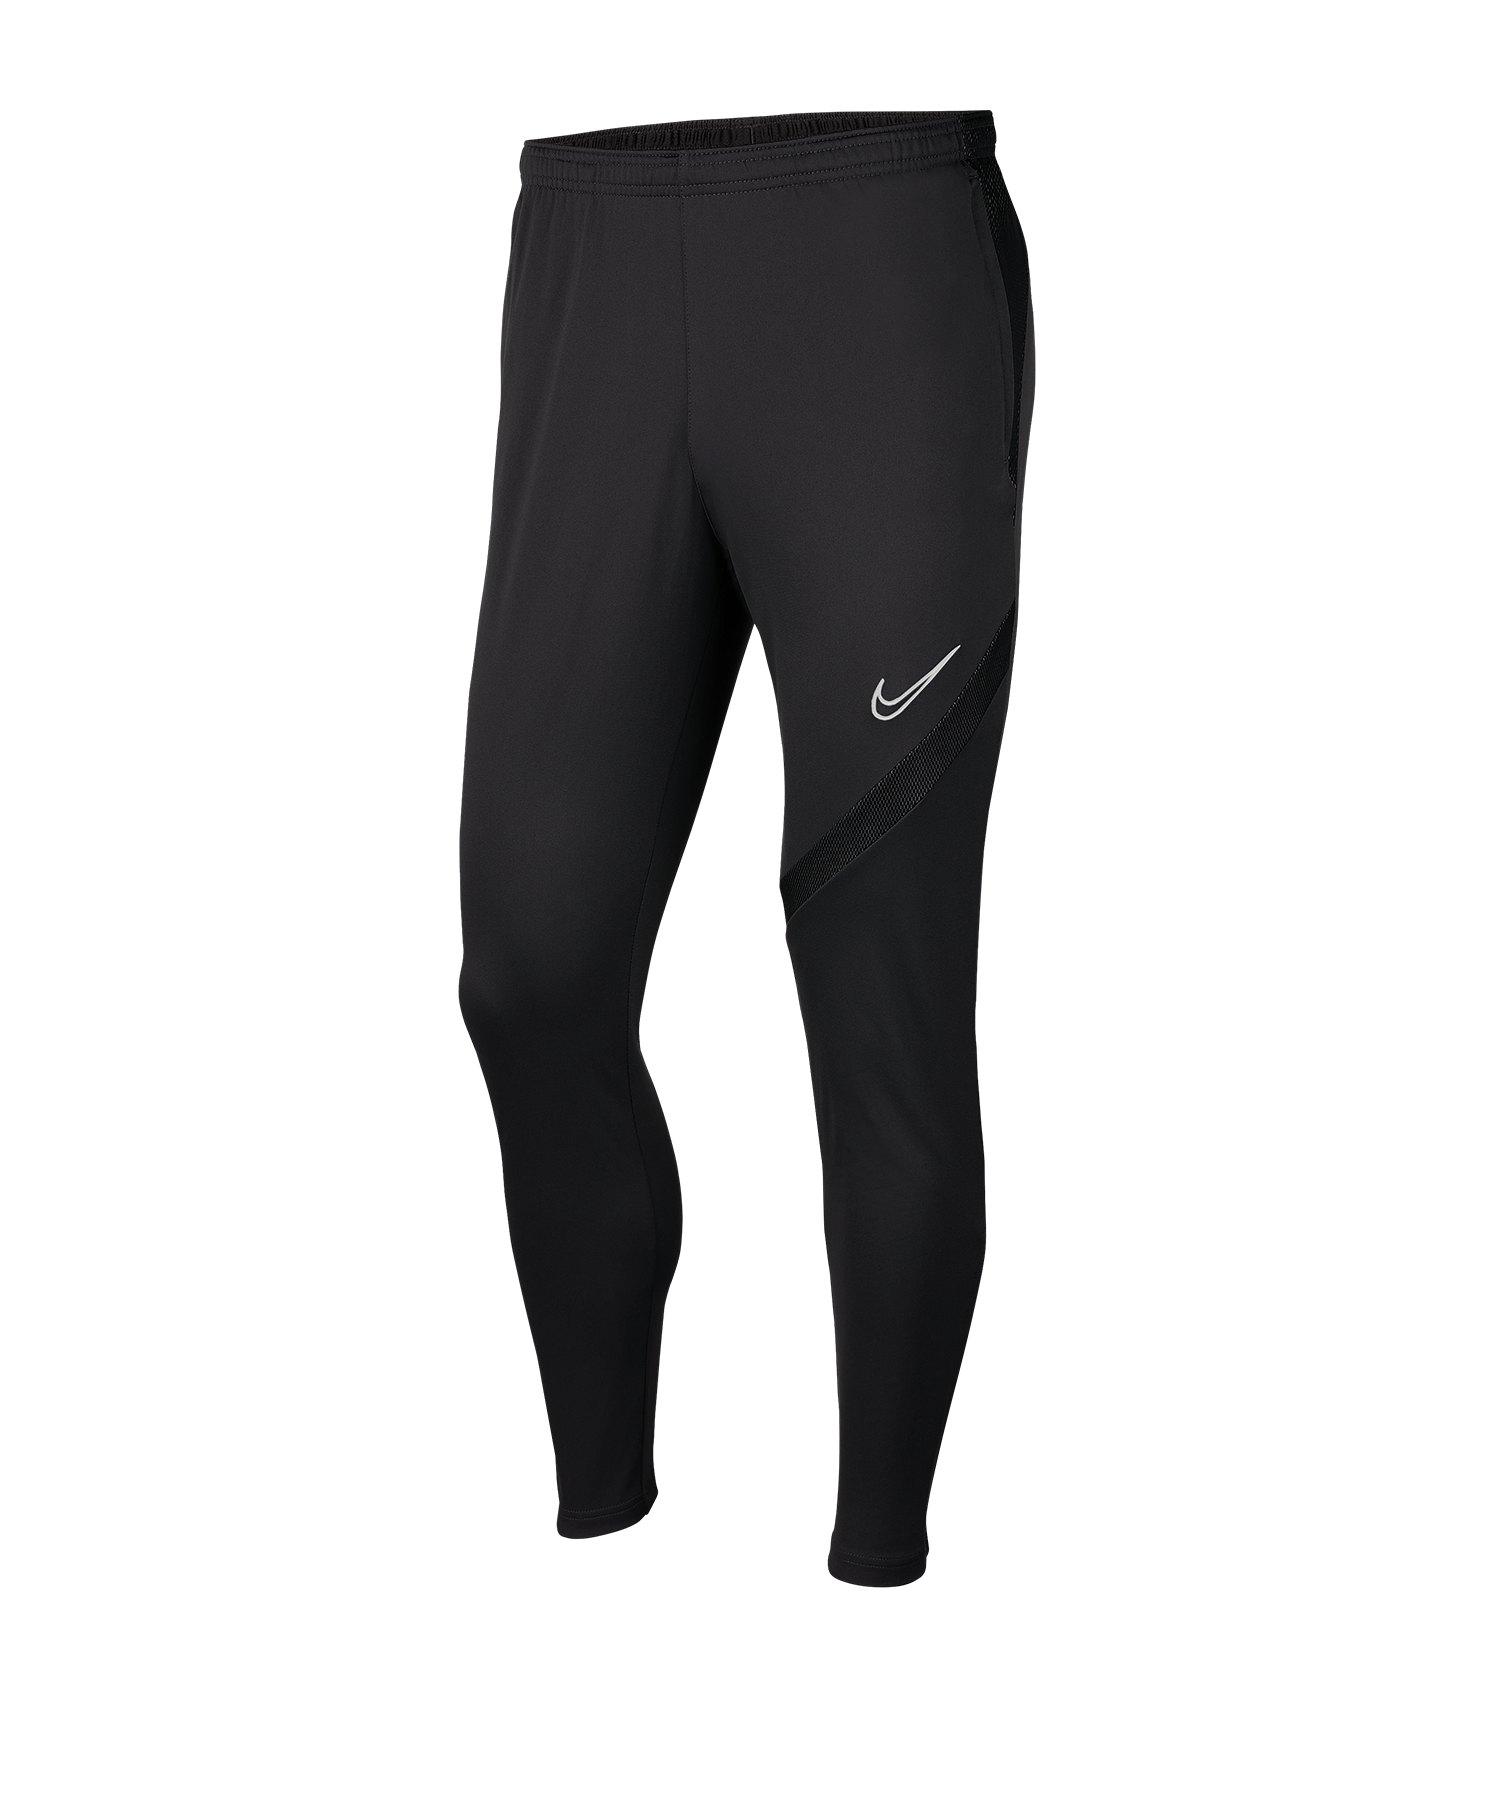 Nike Academy Pro Training Pant Grau F061 - grau